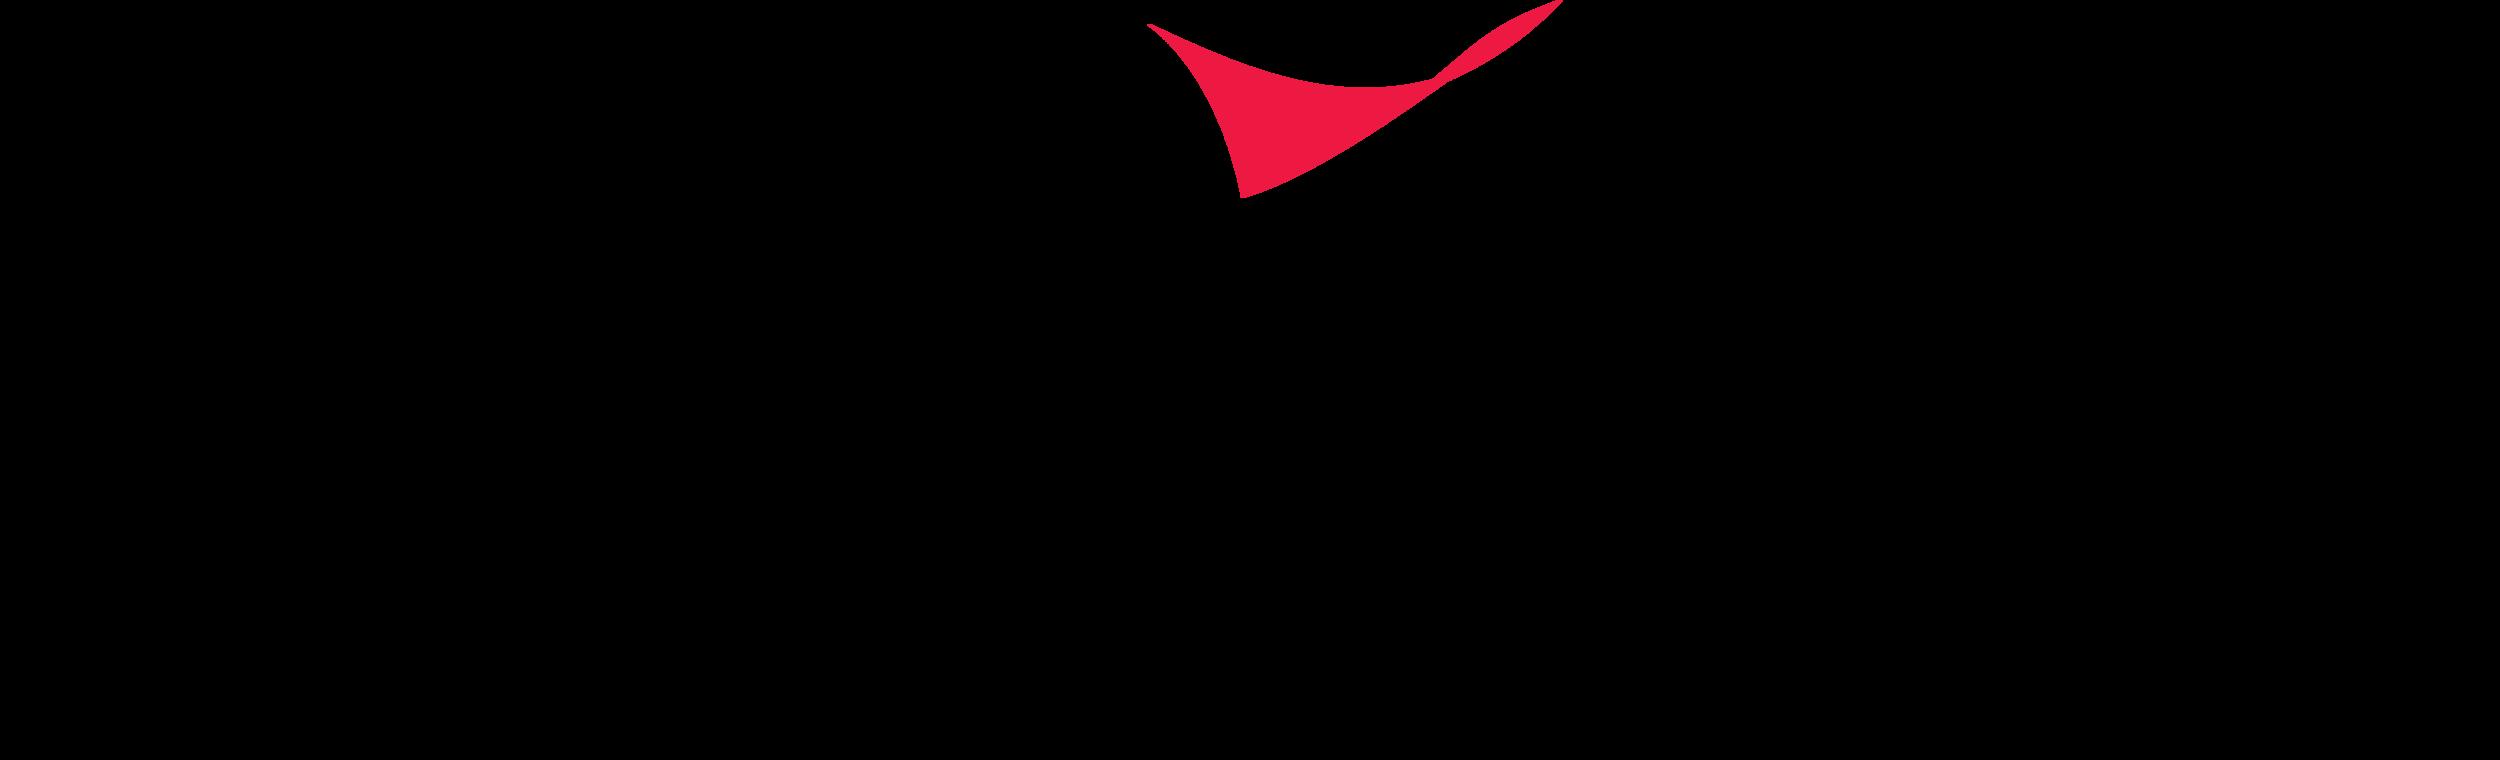 CP-logo-AK.png